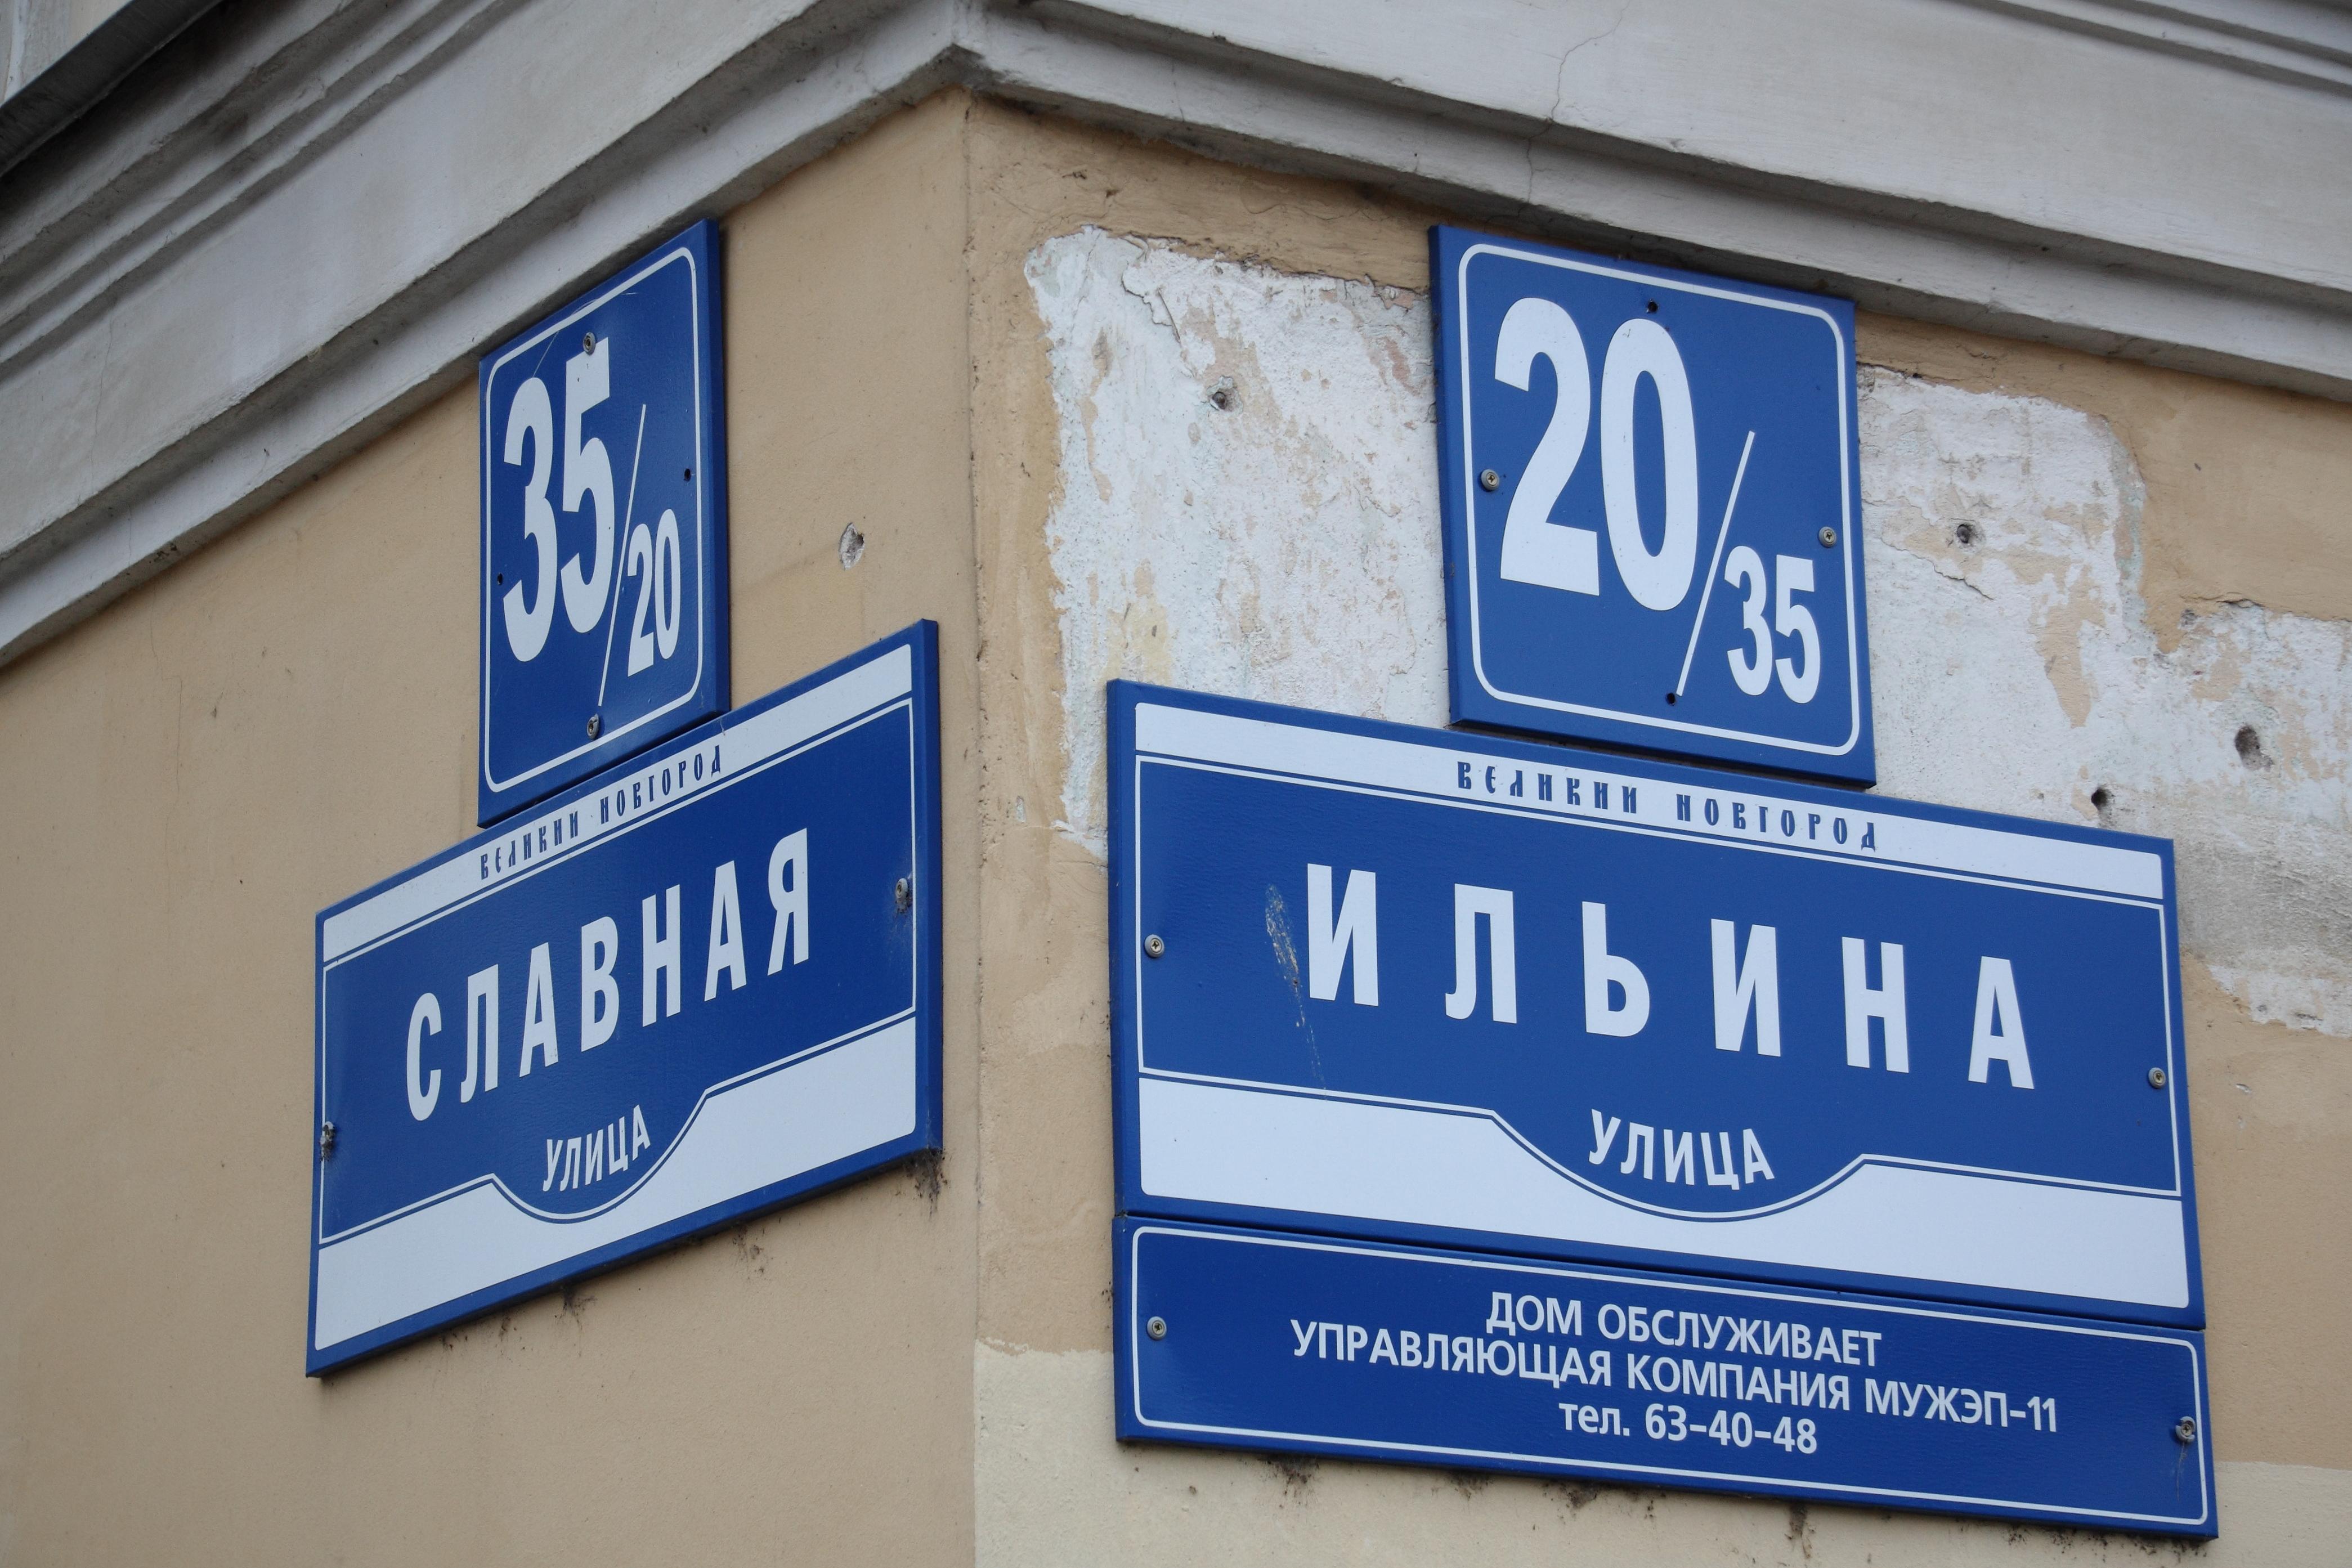 Нумерация домов на улице правила